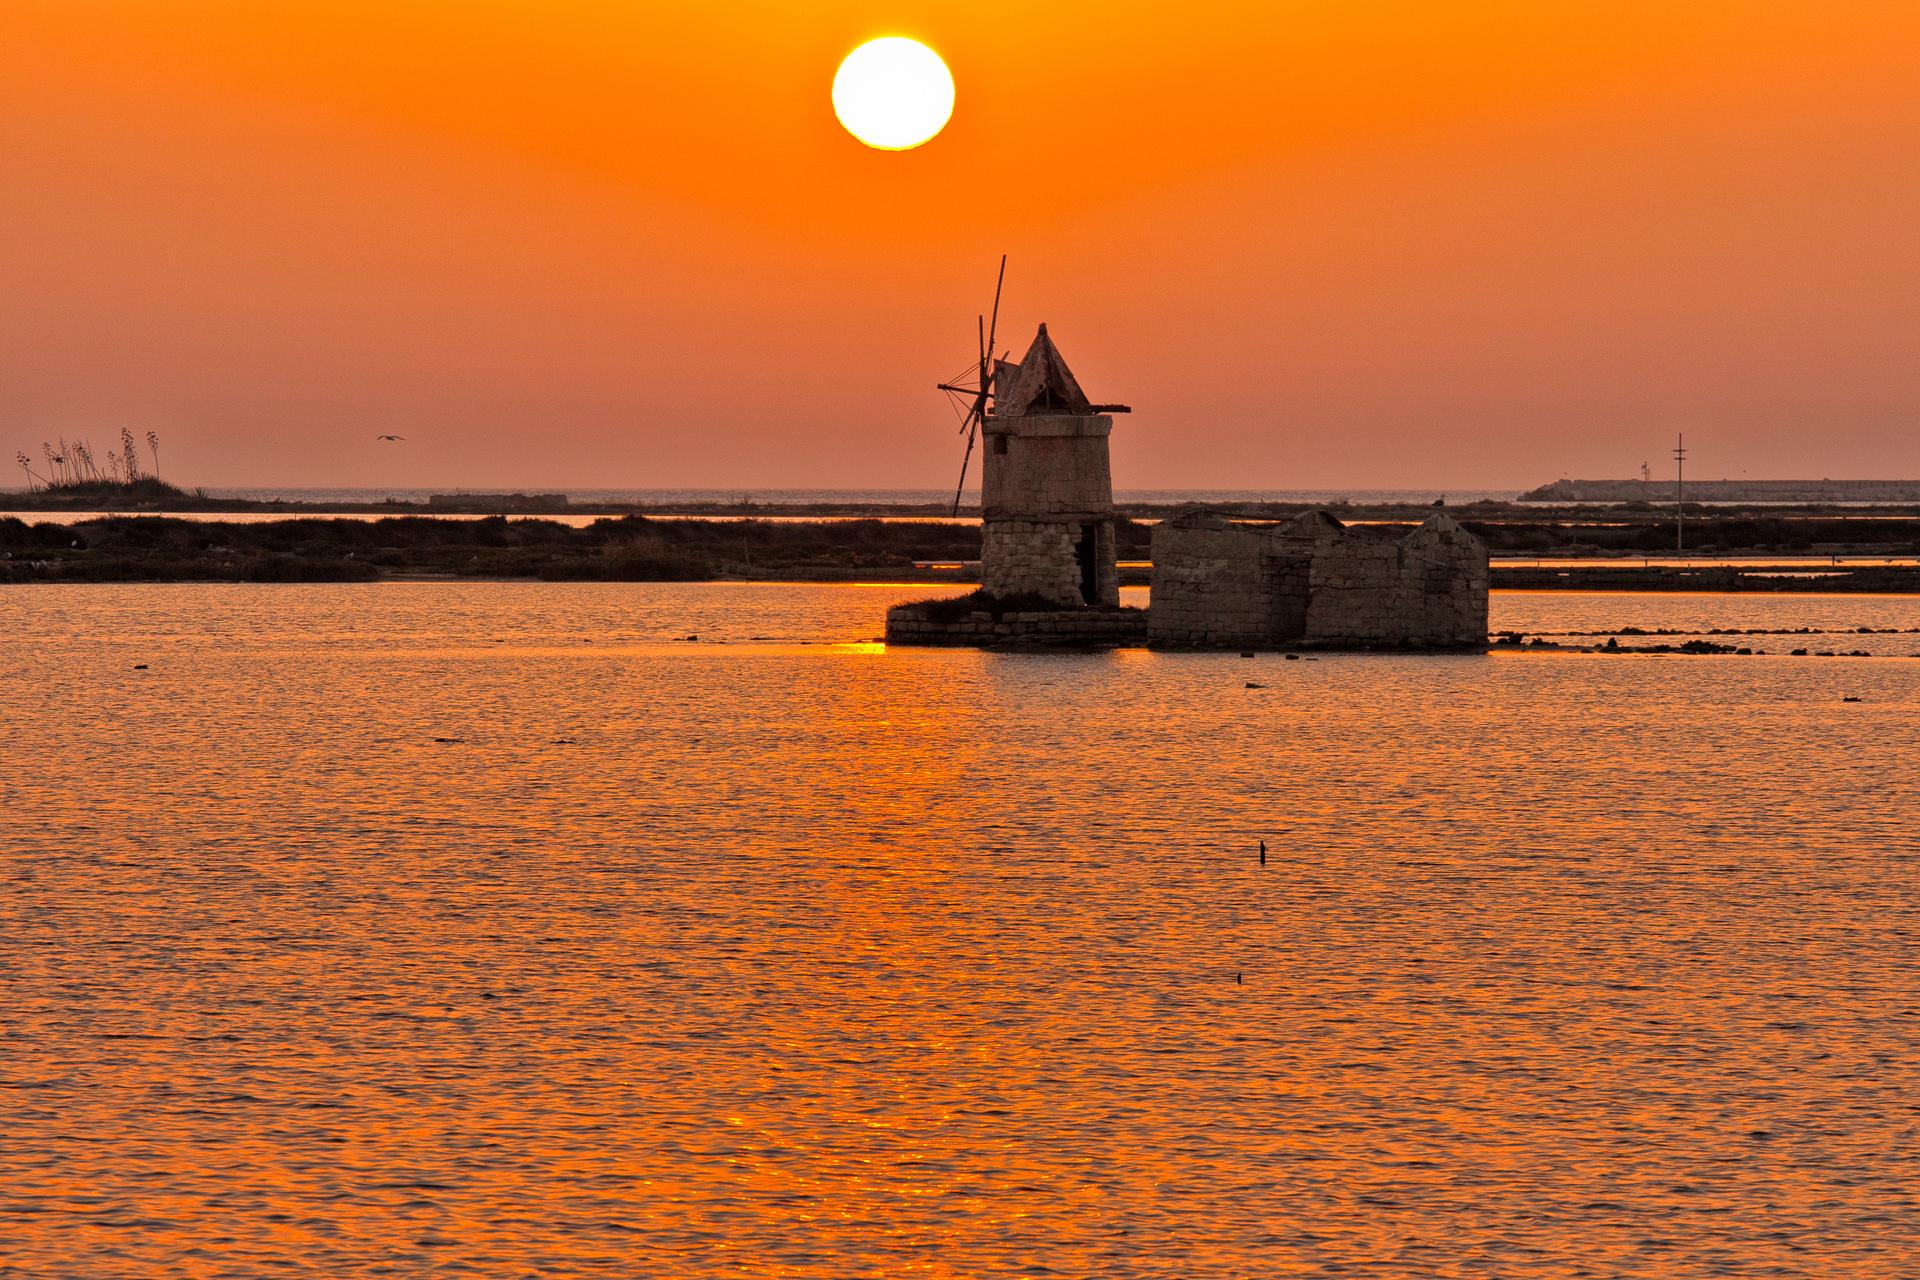 Sunset on the sea...